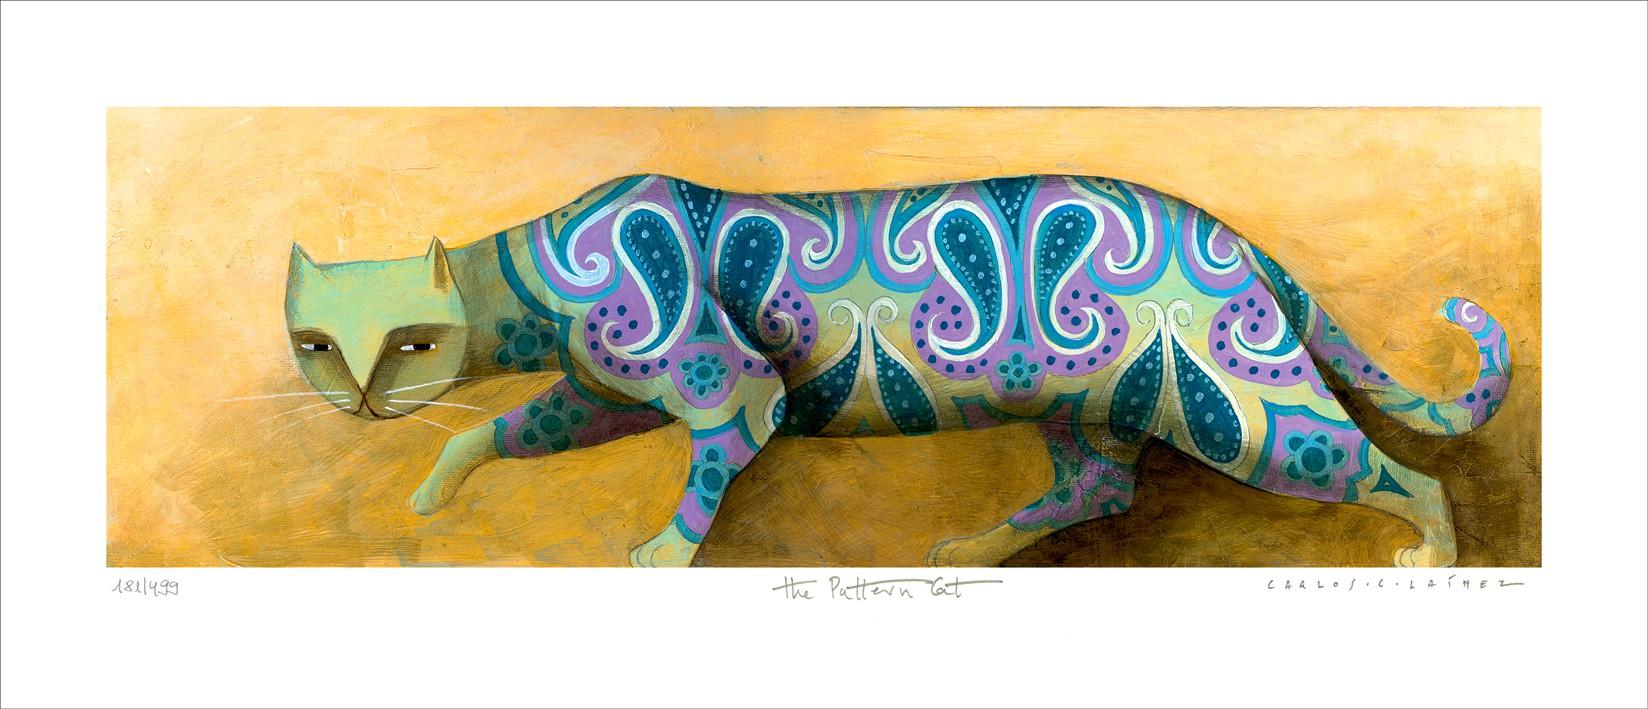 """Carlos C. Lainez: """"The Pattern Cat"""", komplettes Motiv ungerahmt, nummeriert, signiert und betitelt"""